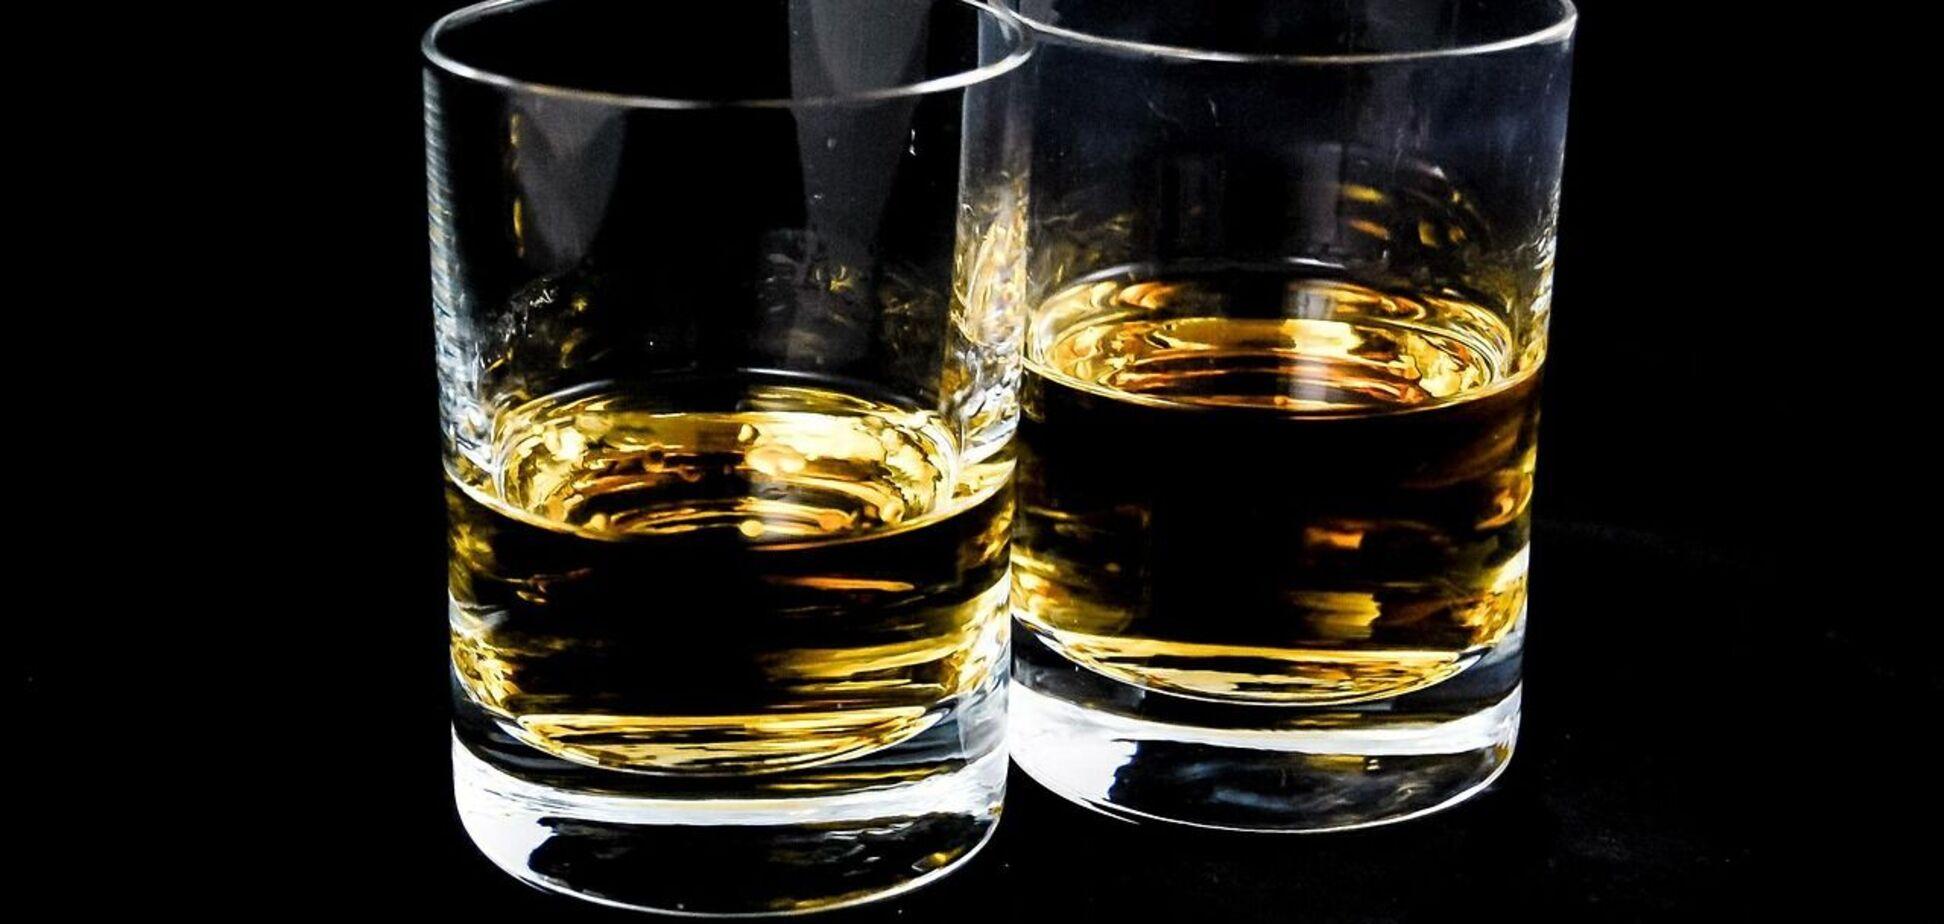 В Україні продають фальсифікований алкоголь